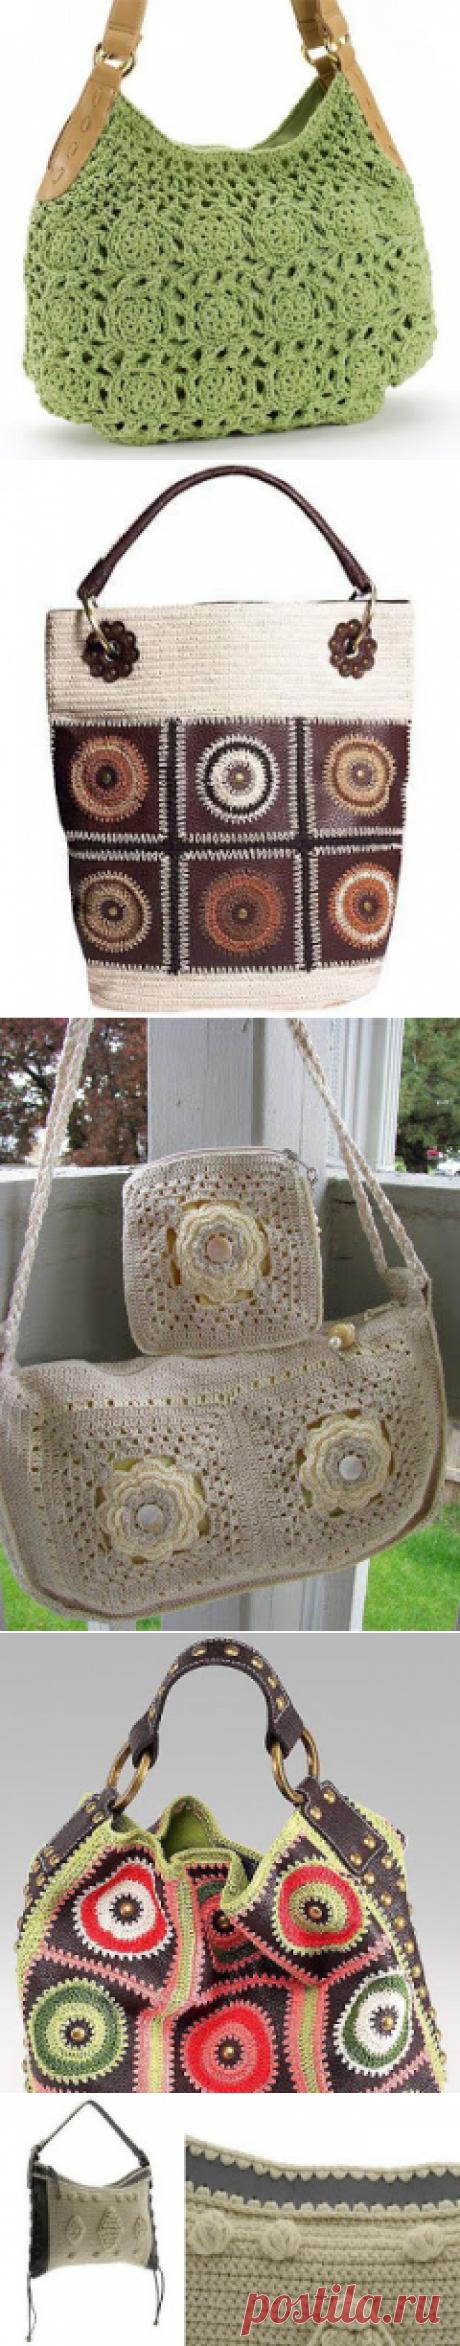 Crochetcetera и такой: какая женщина не любит сумки?Только идеи.